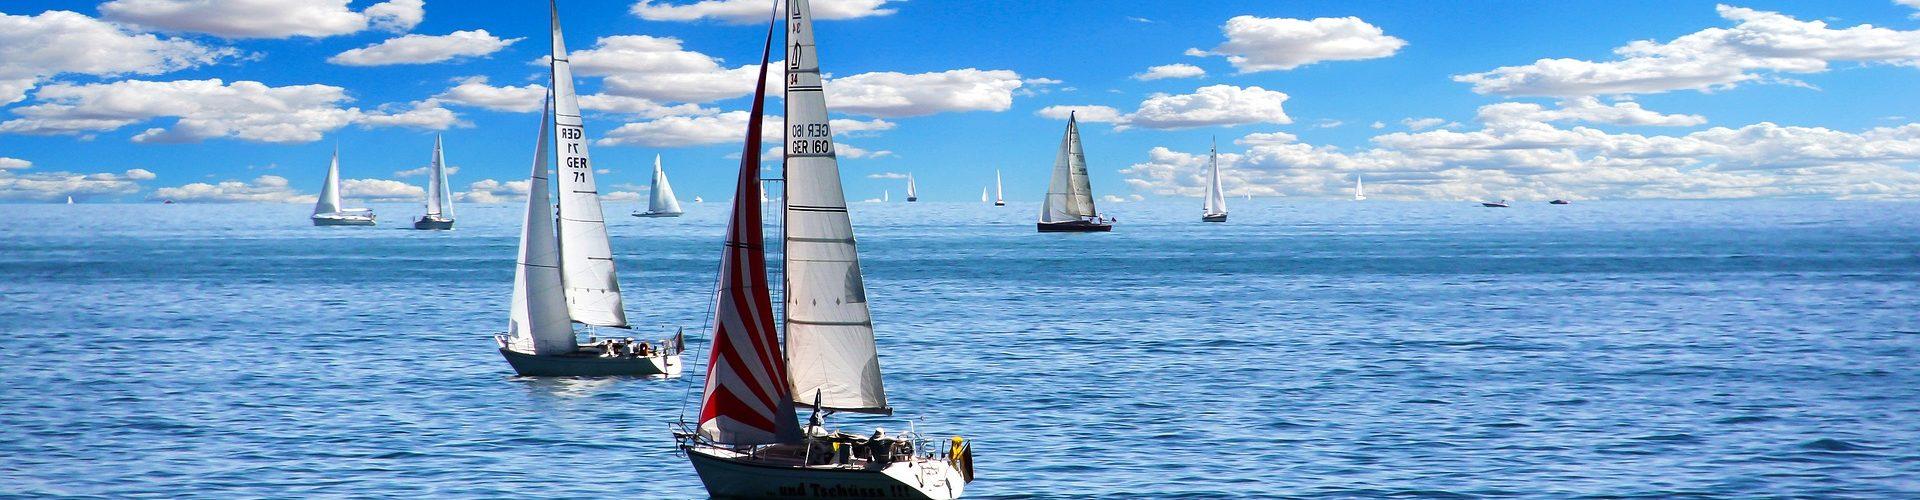 segeln lernen in Sternberg segelschein machen in Sternberg 1920x500 - Segeln lernen in Sternberg